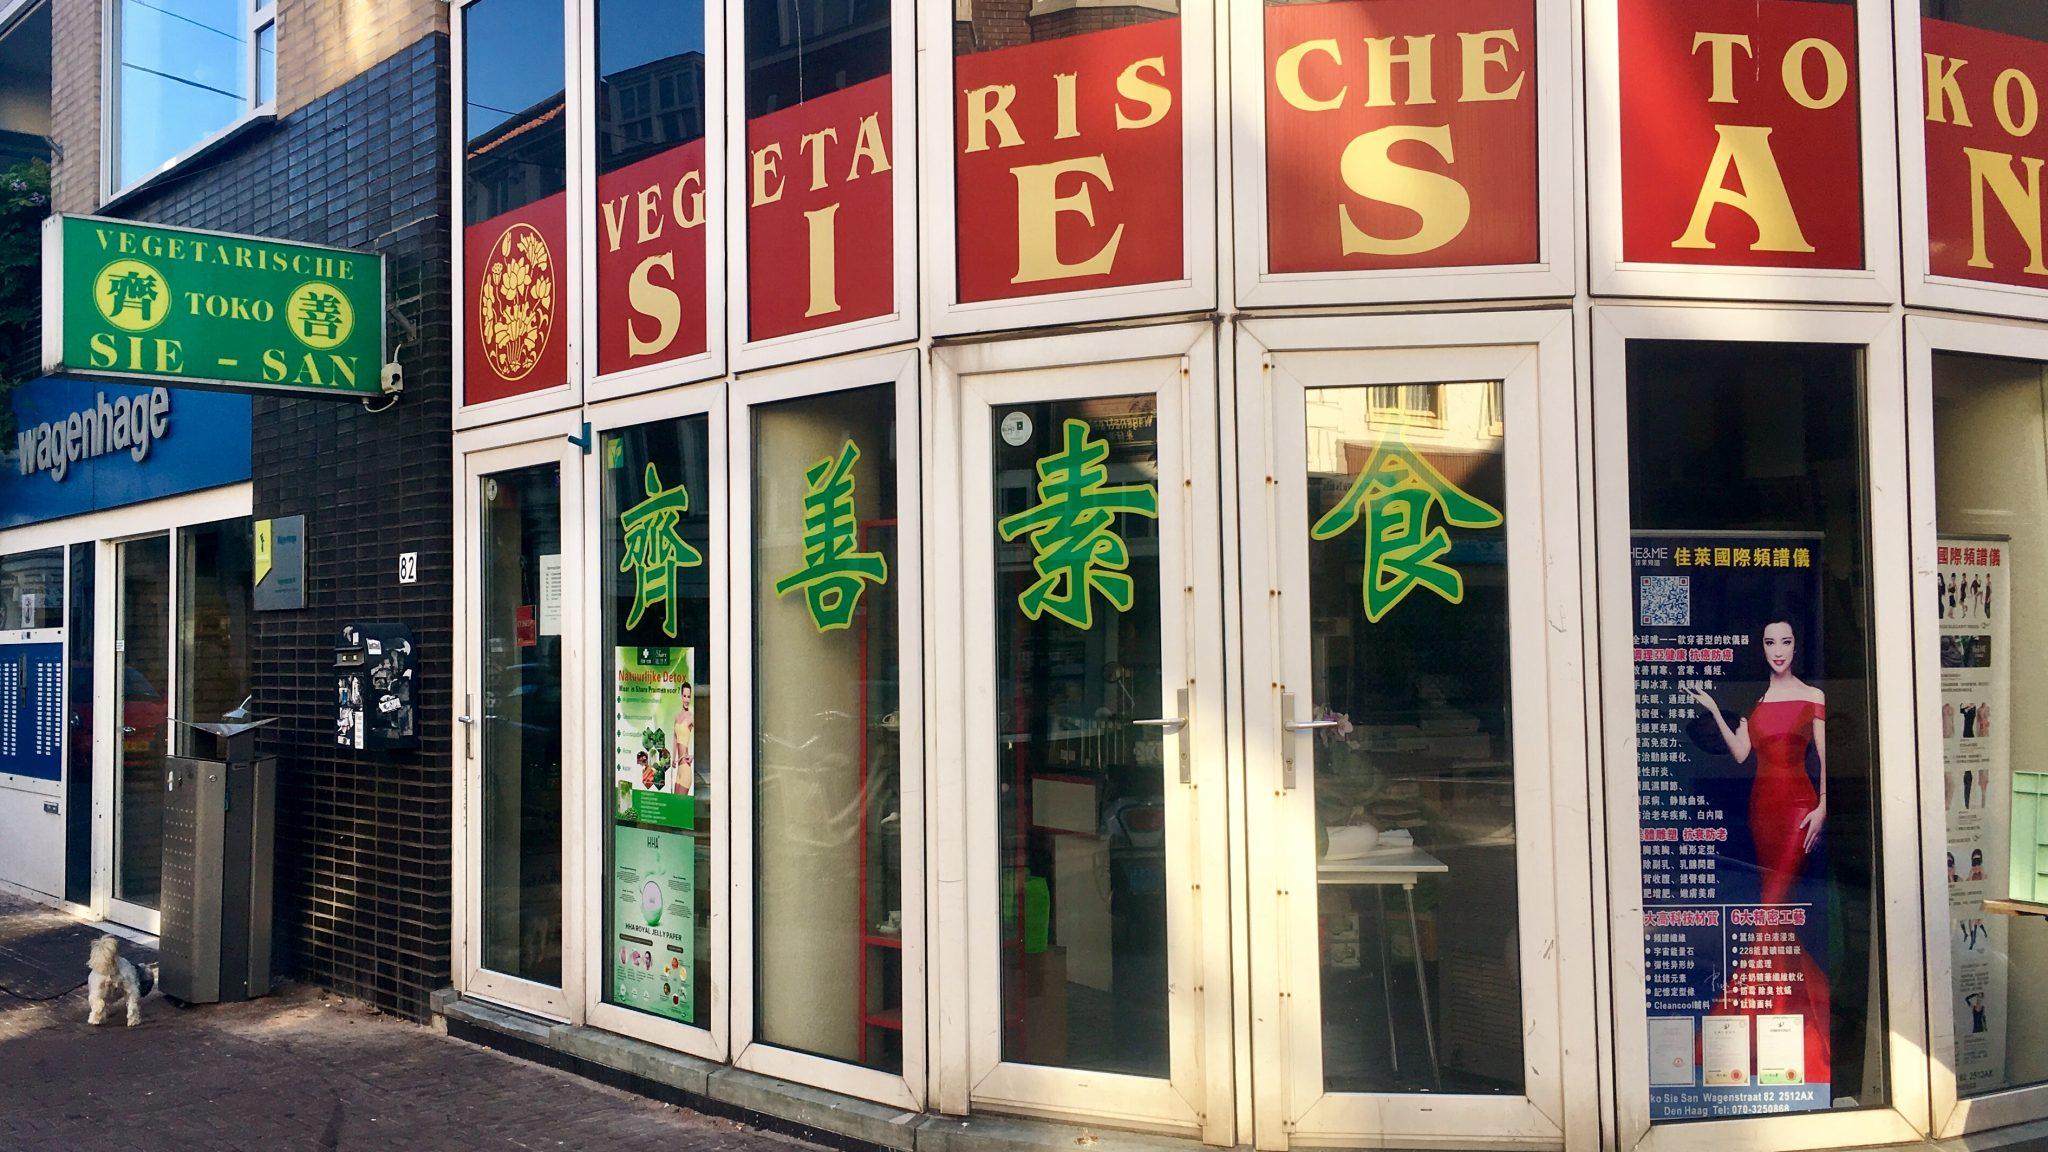 Vegetarische toko Sie-San in Den Haag